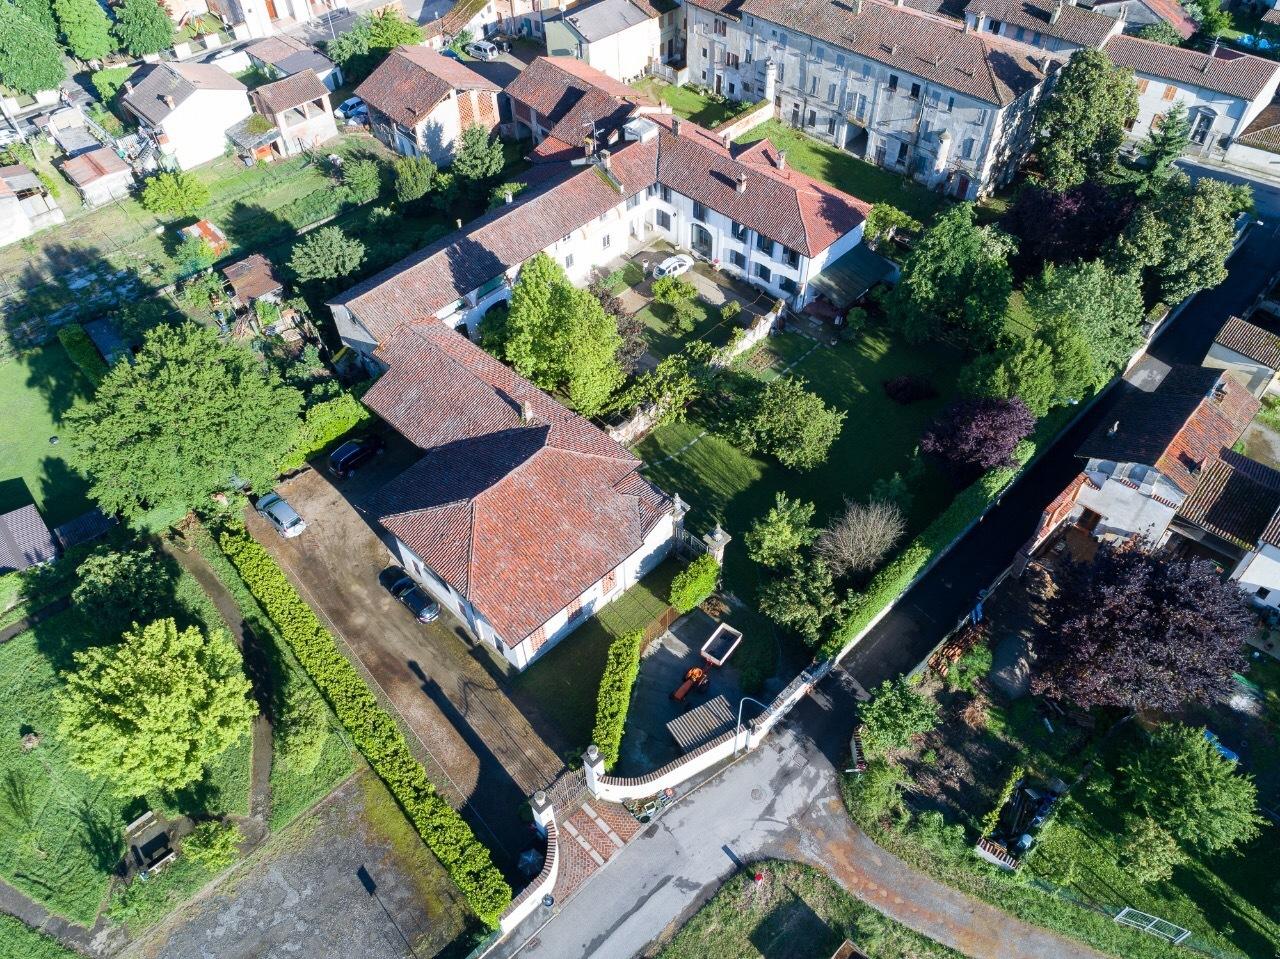 Villa in vendita a San Zenone al Po, 50 locali, prezzo € 1.300.000 | Cambio Casa.it